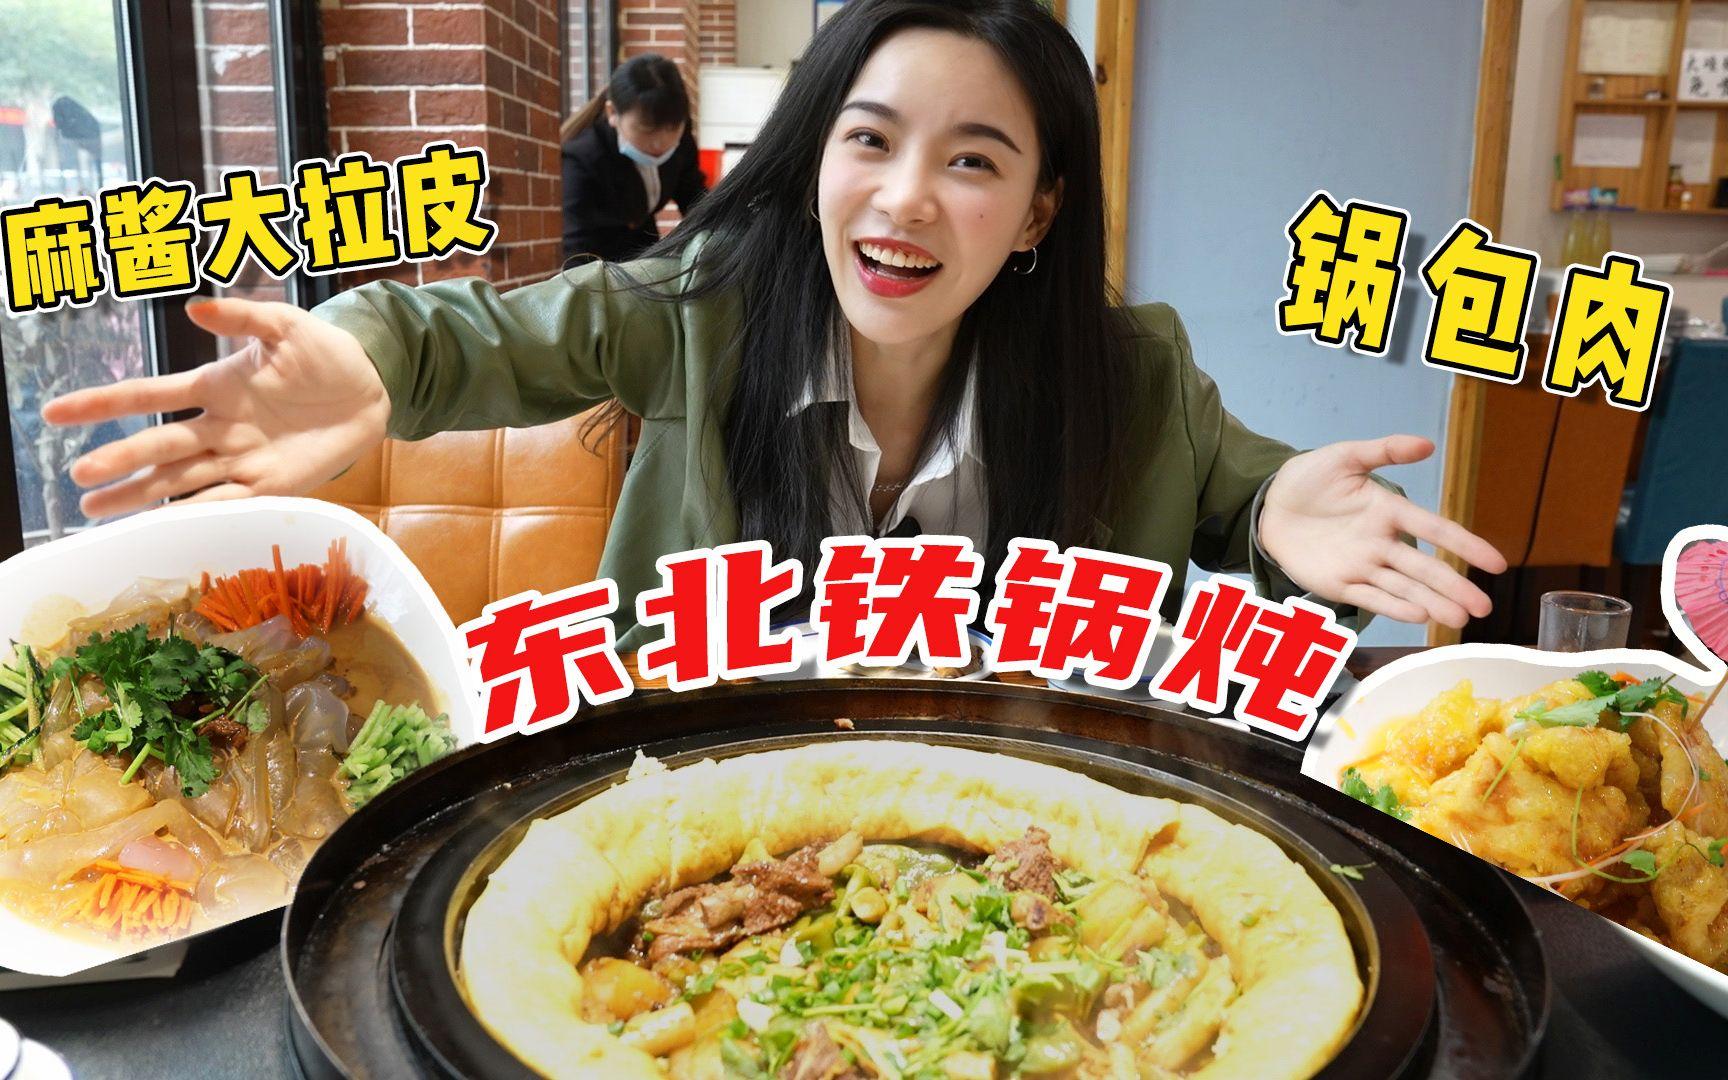 168元的四人餐, 东北铁锅炖排骨, 再来份锅包肉, 吃撑了!